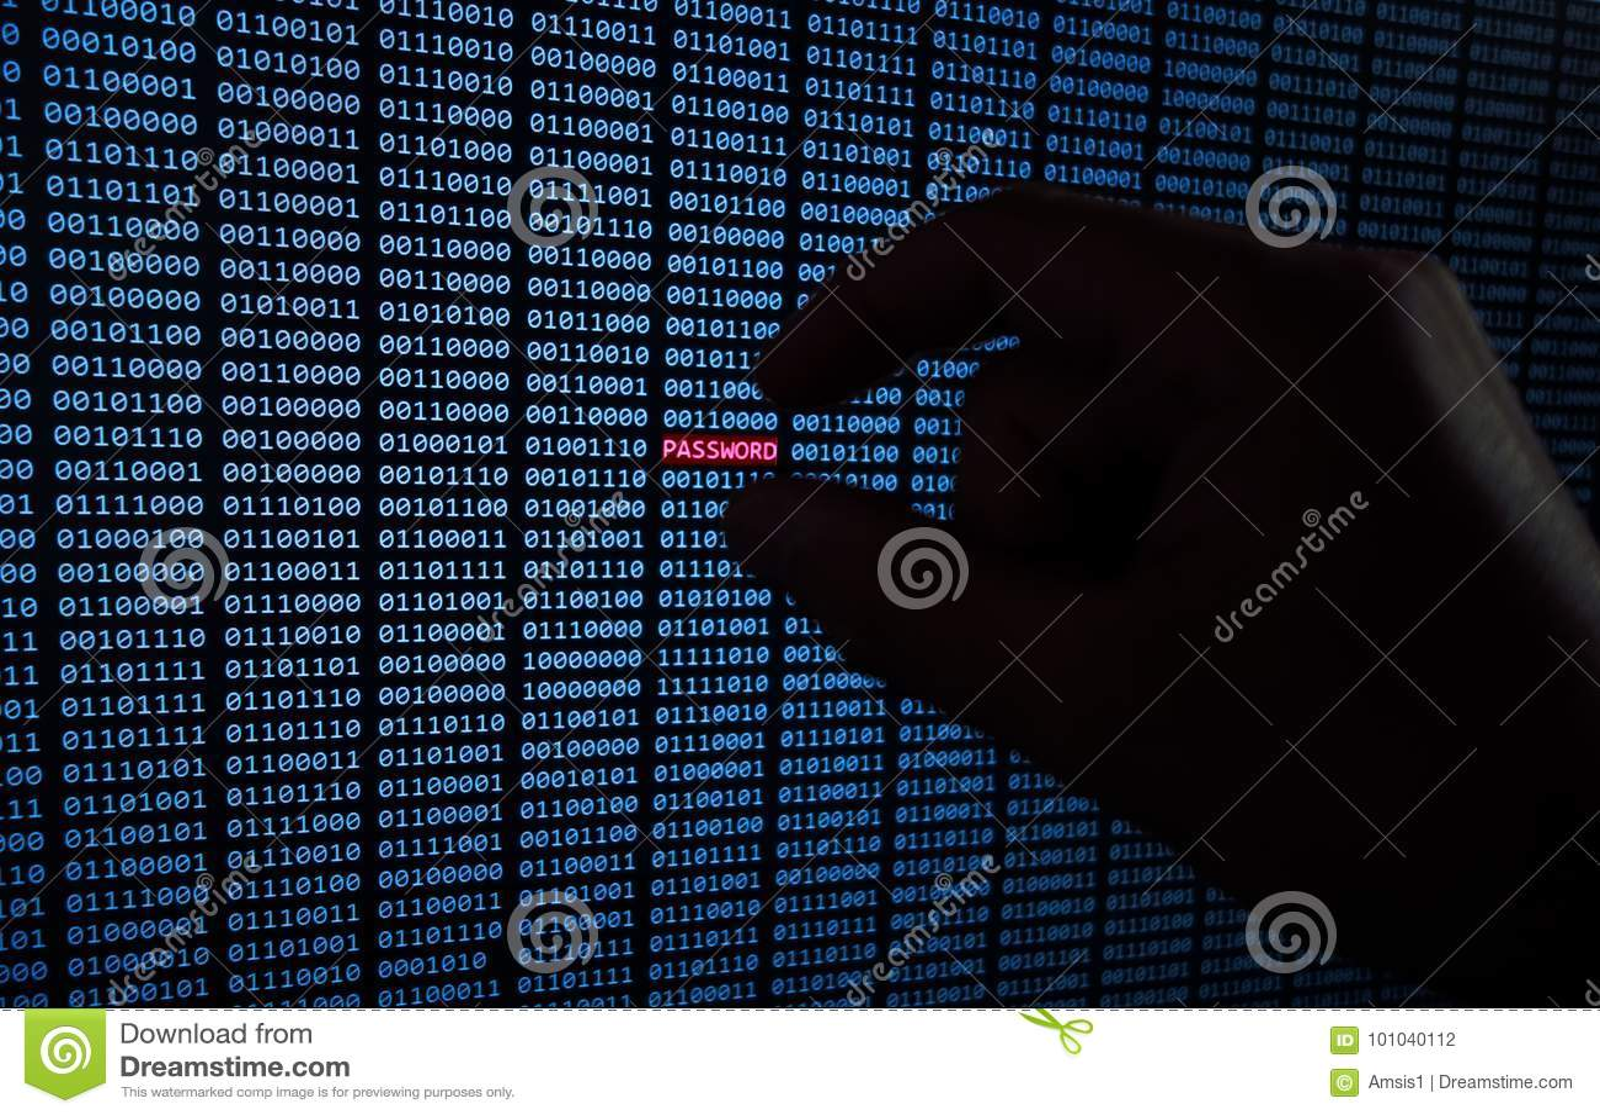 Password stolen